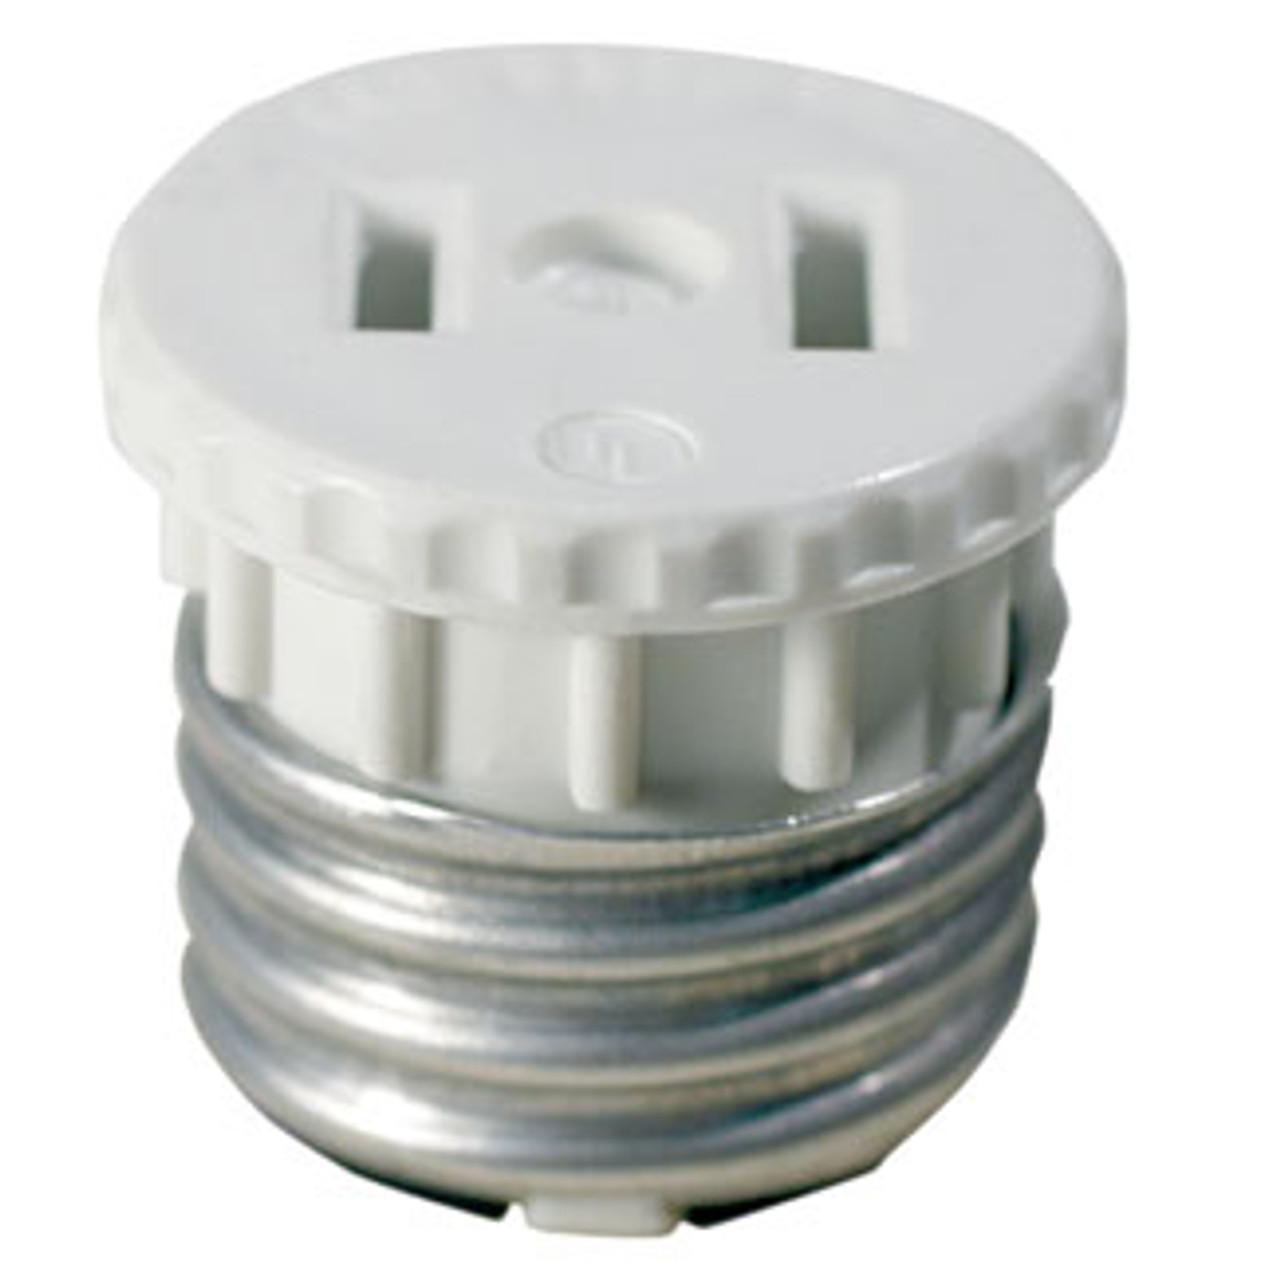 AC Plug